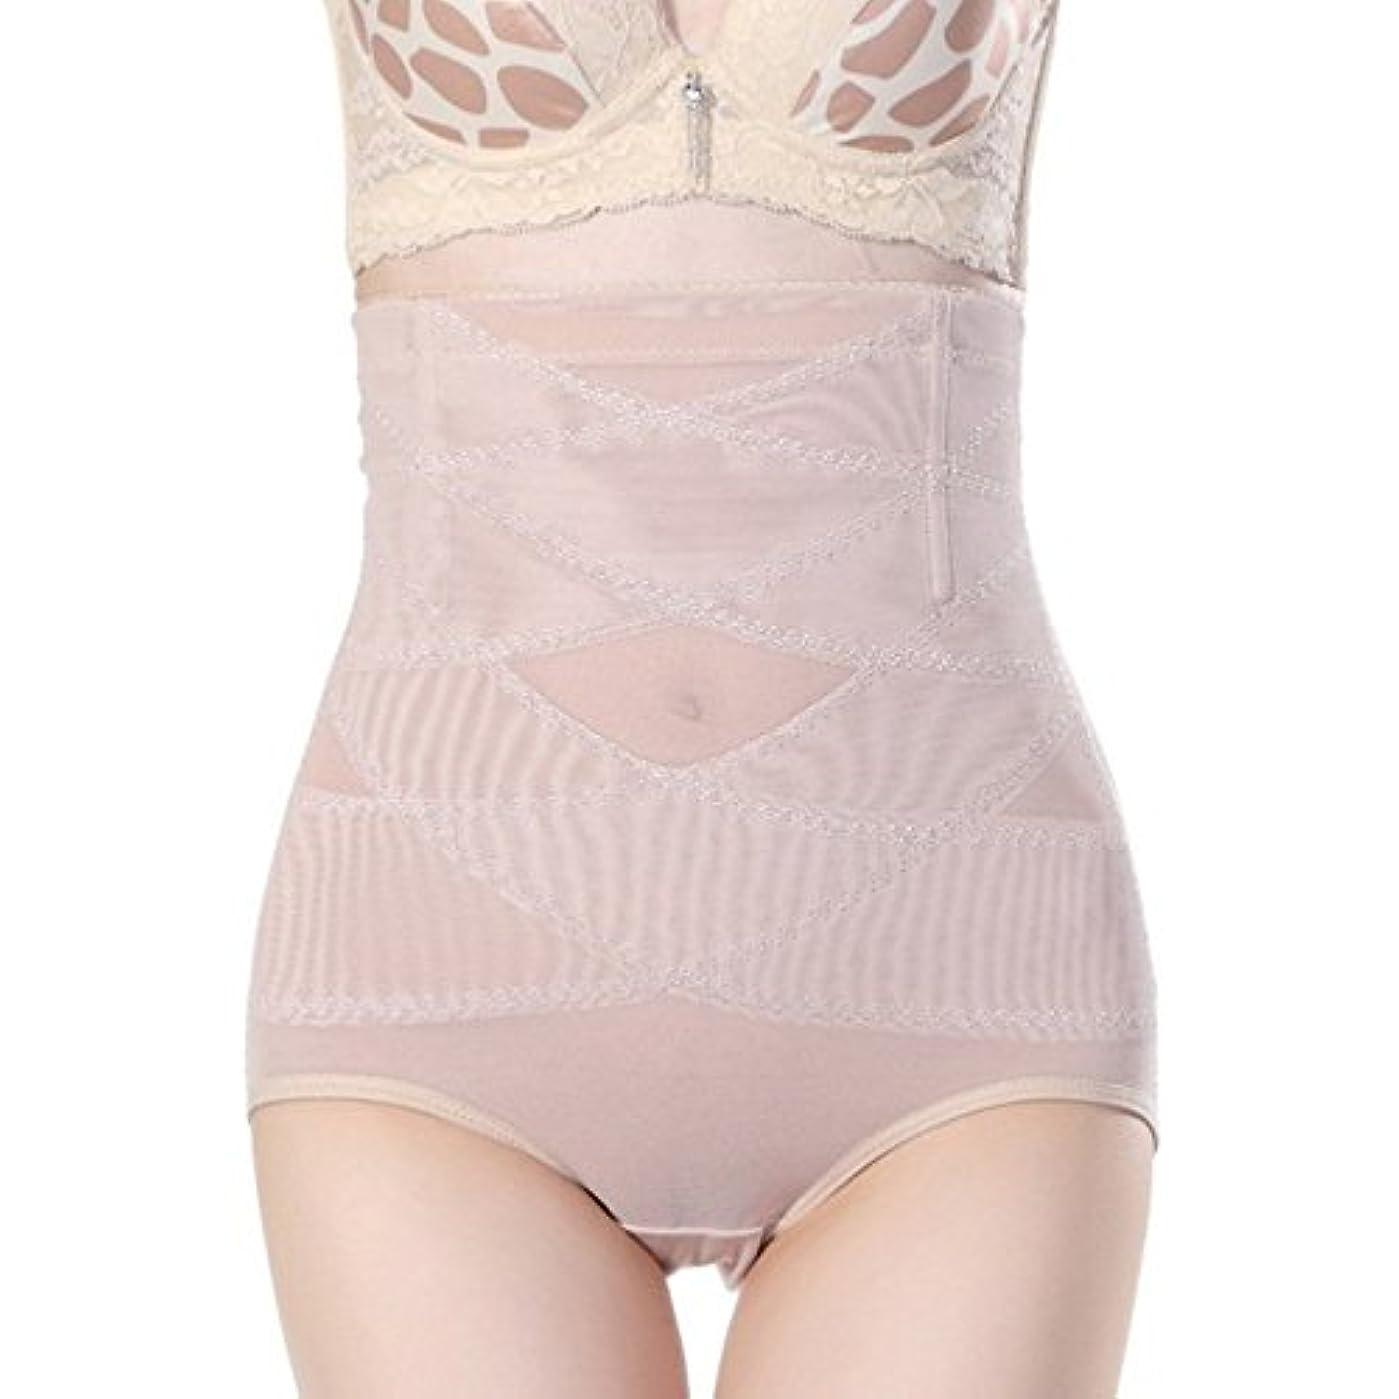 有能な熟達したマイルド腹部制御下着シームレスおなかコントロールパンティーバットリフターボディシェイパーを痩身通気性のハイウエストの女性 - 肌色M